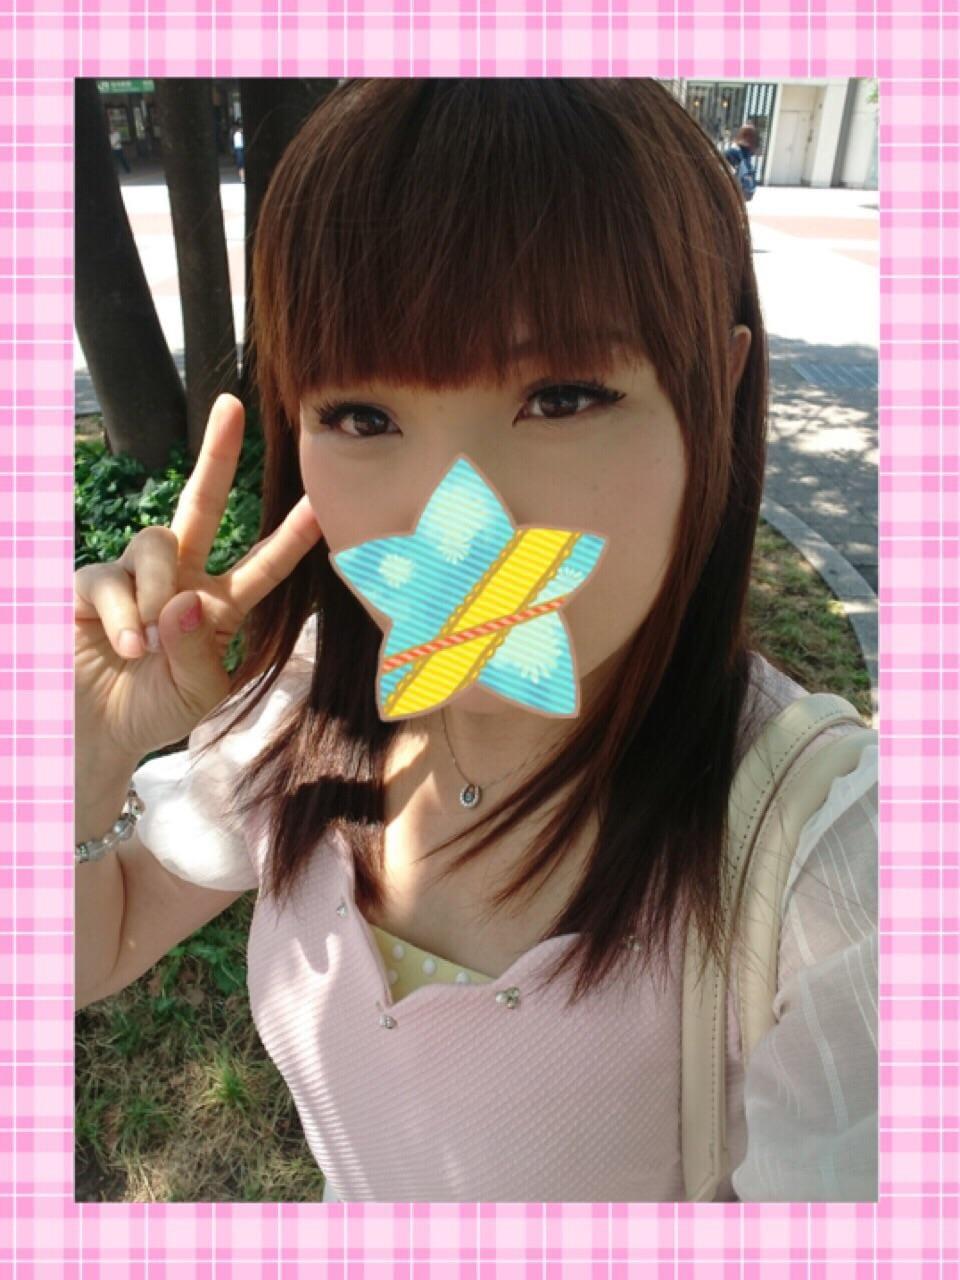 「な♪なゅなゅなゅ♪なゅる(((o(*?▽?*)o )))?」09/19(09/19) 08:50 | 成宮の写メ・風俗動画